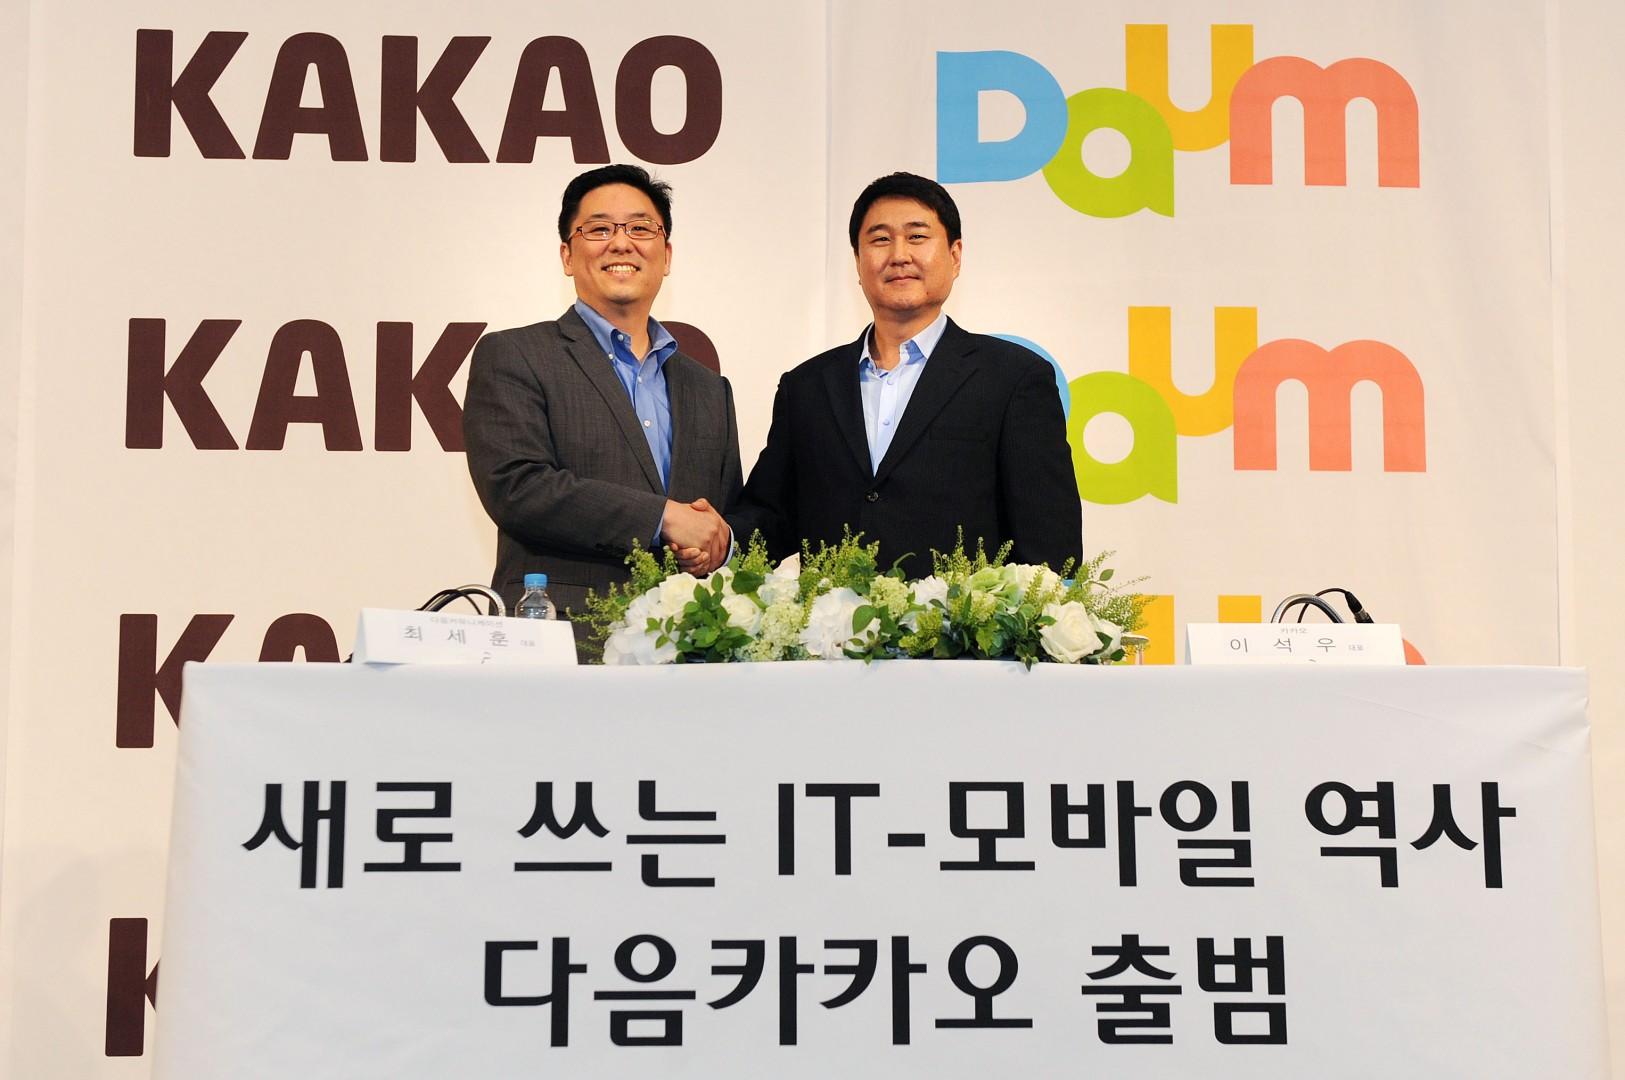 [Photo] Daum Kakao announces Merger